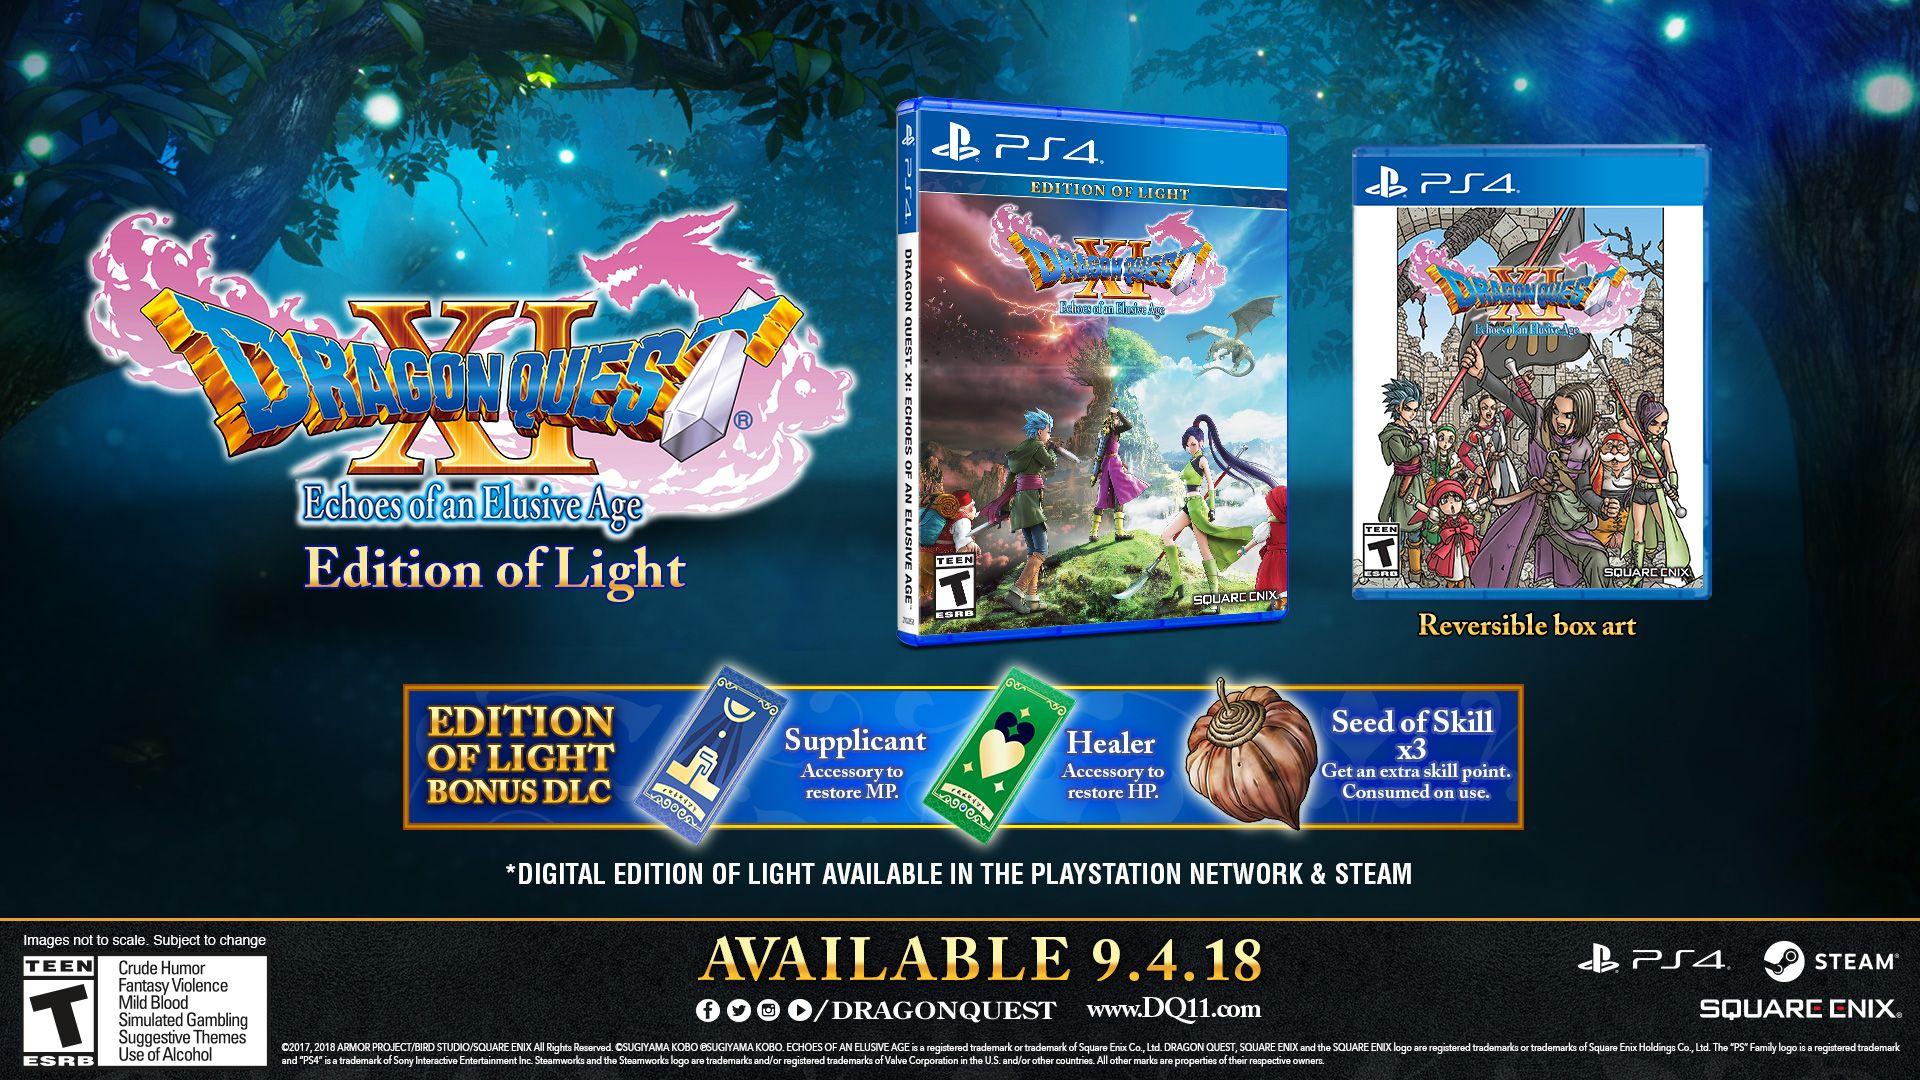 Dragon Quest XI - издание первого дня